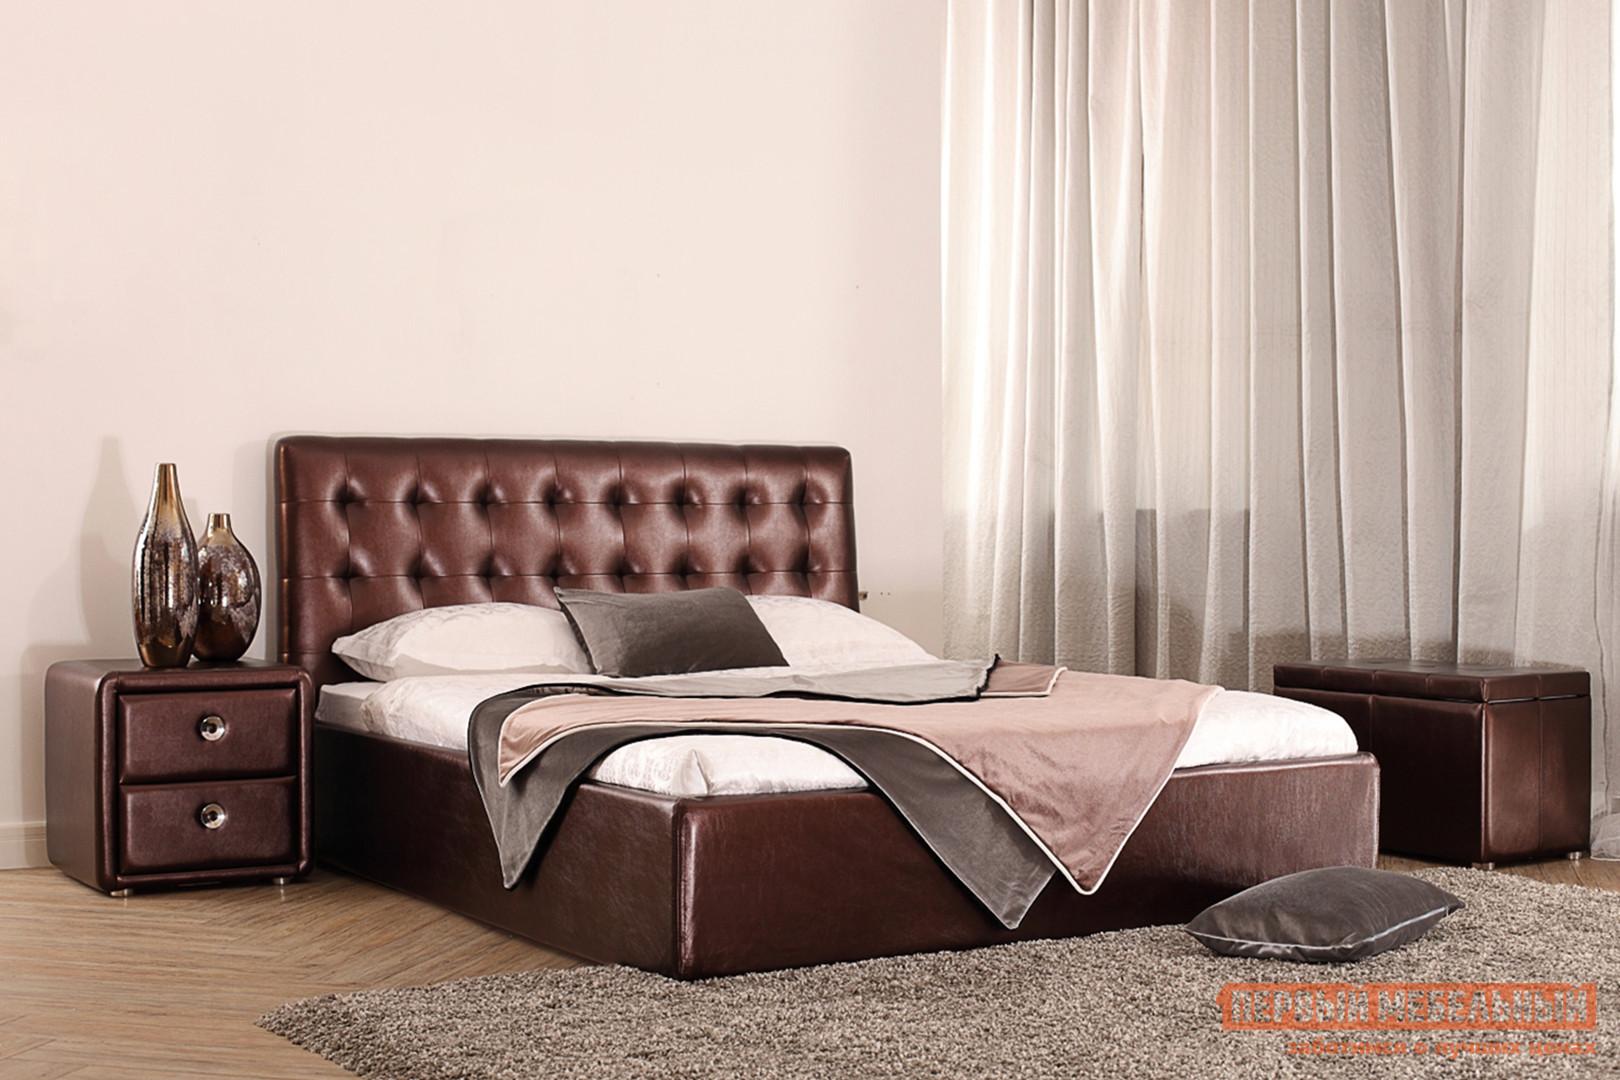 Полутороспальная кровать Первый Мебельный Кровать Монреаль 140х200 полутороспальная кровать первый мебельный кровать милана 140х200